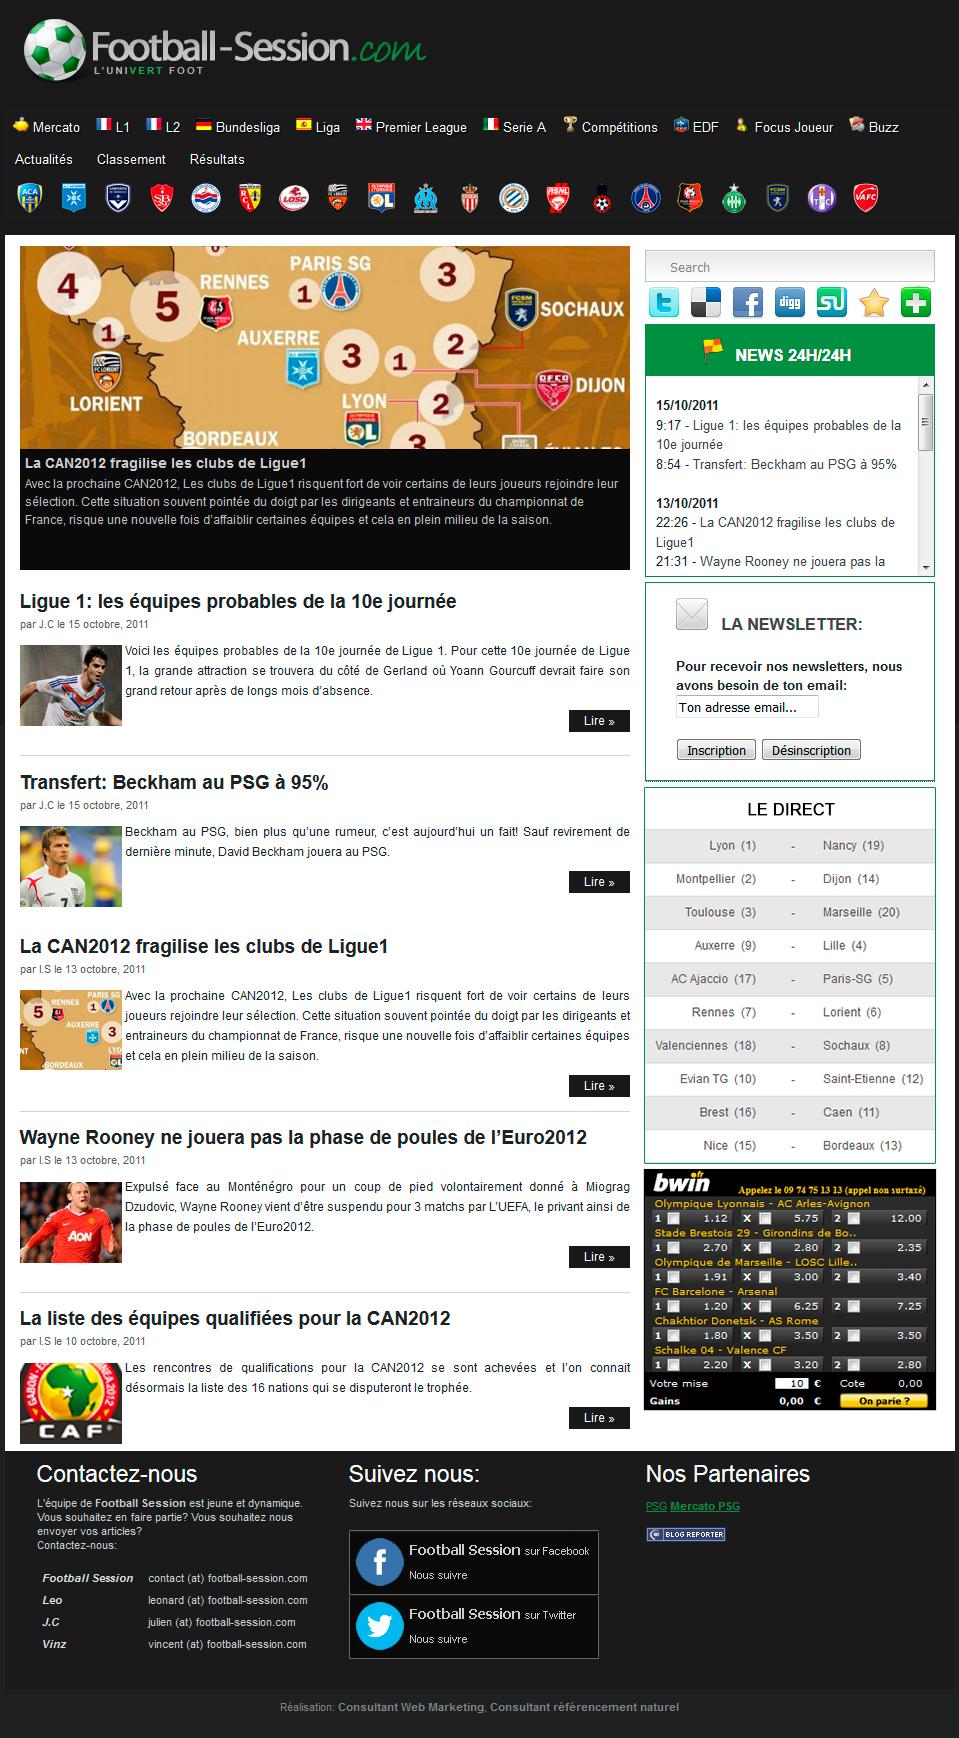 Football-session.com